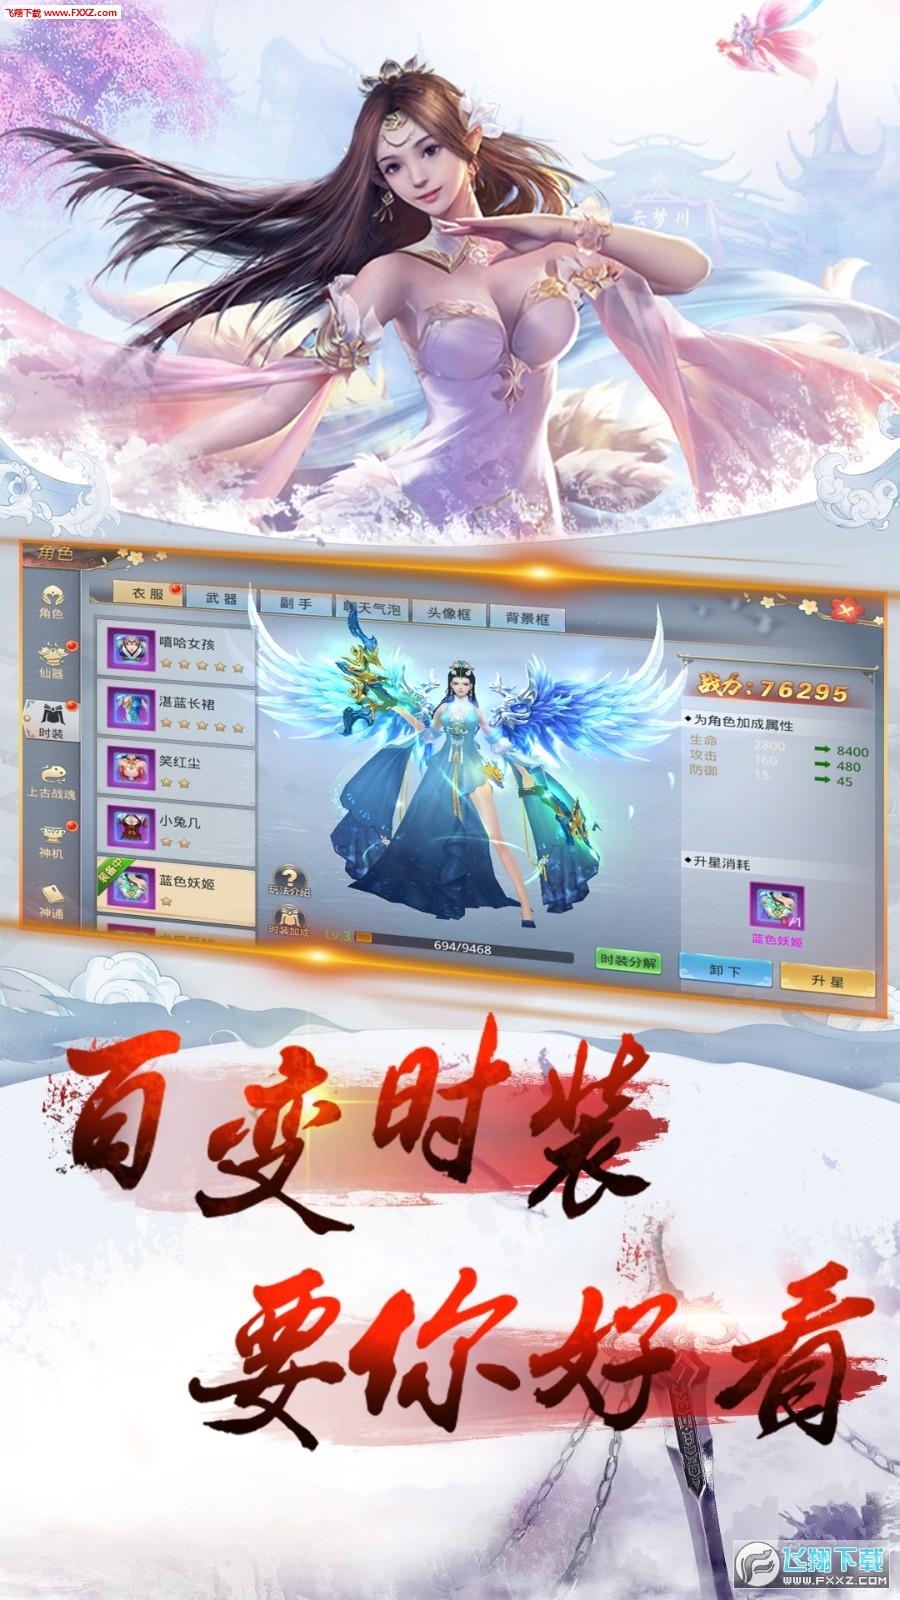 双剑侠影安卓版3.5.0截图0